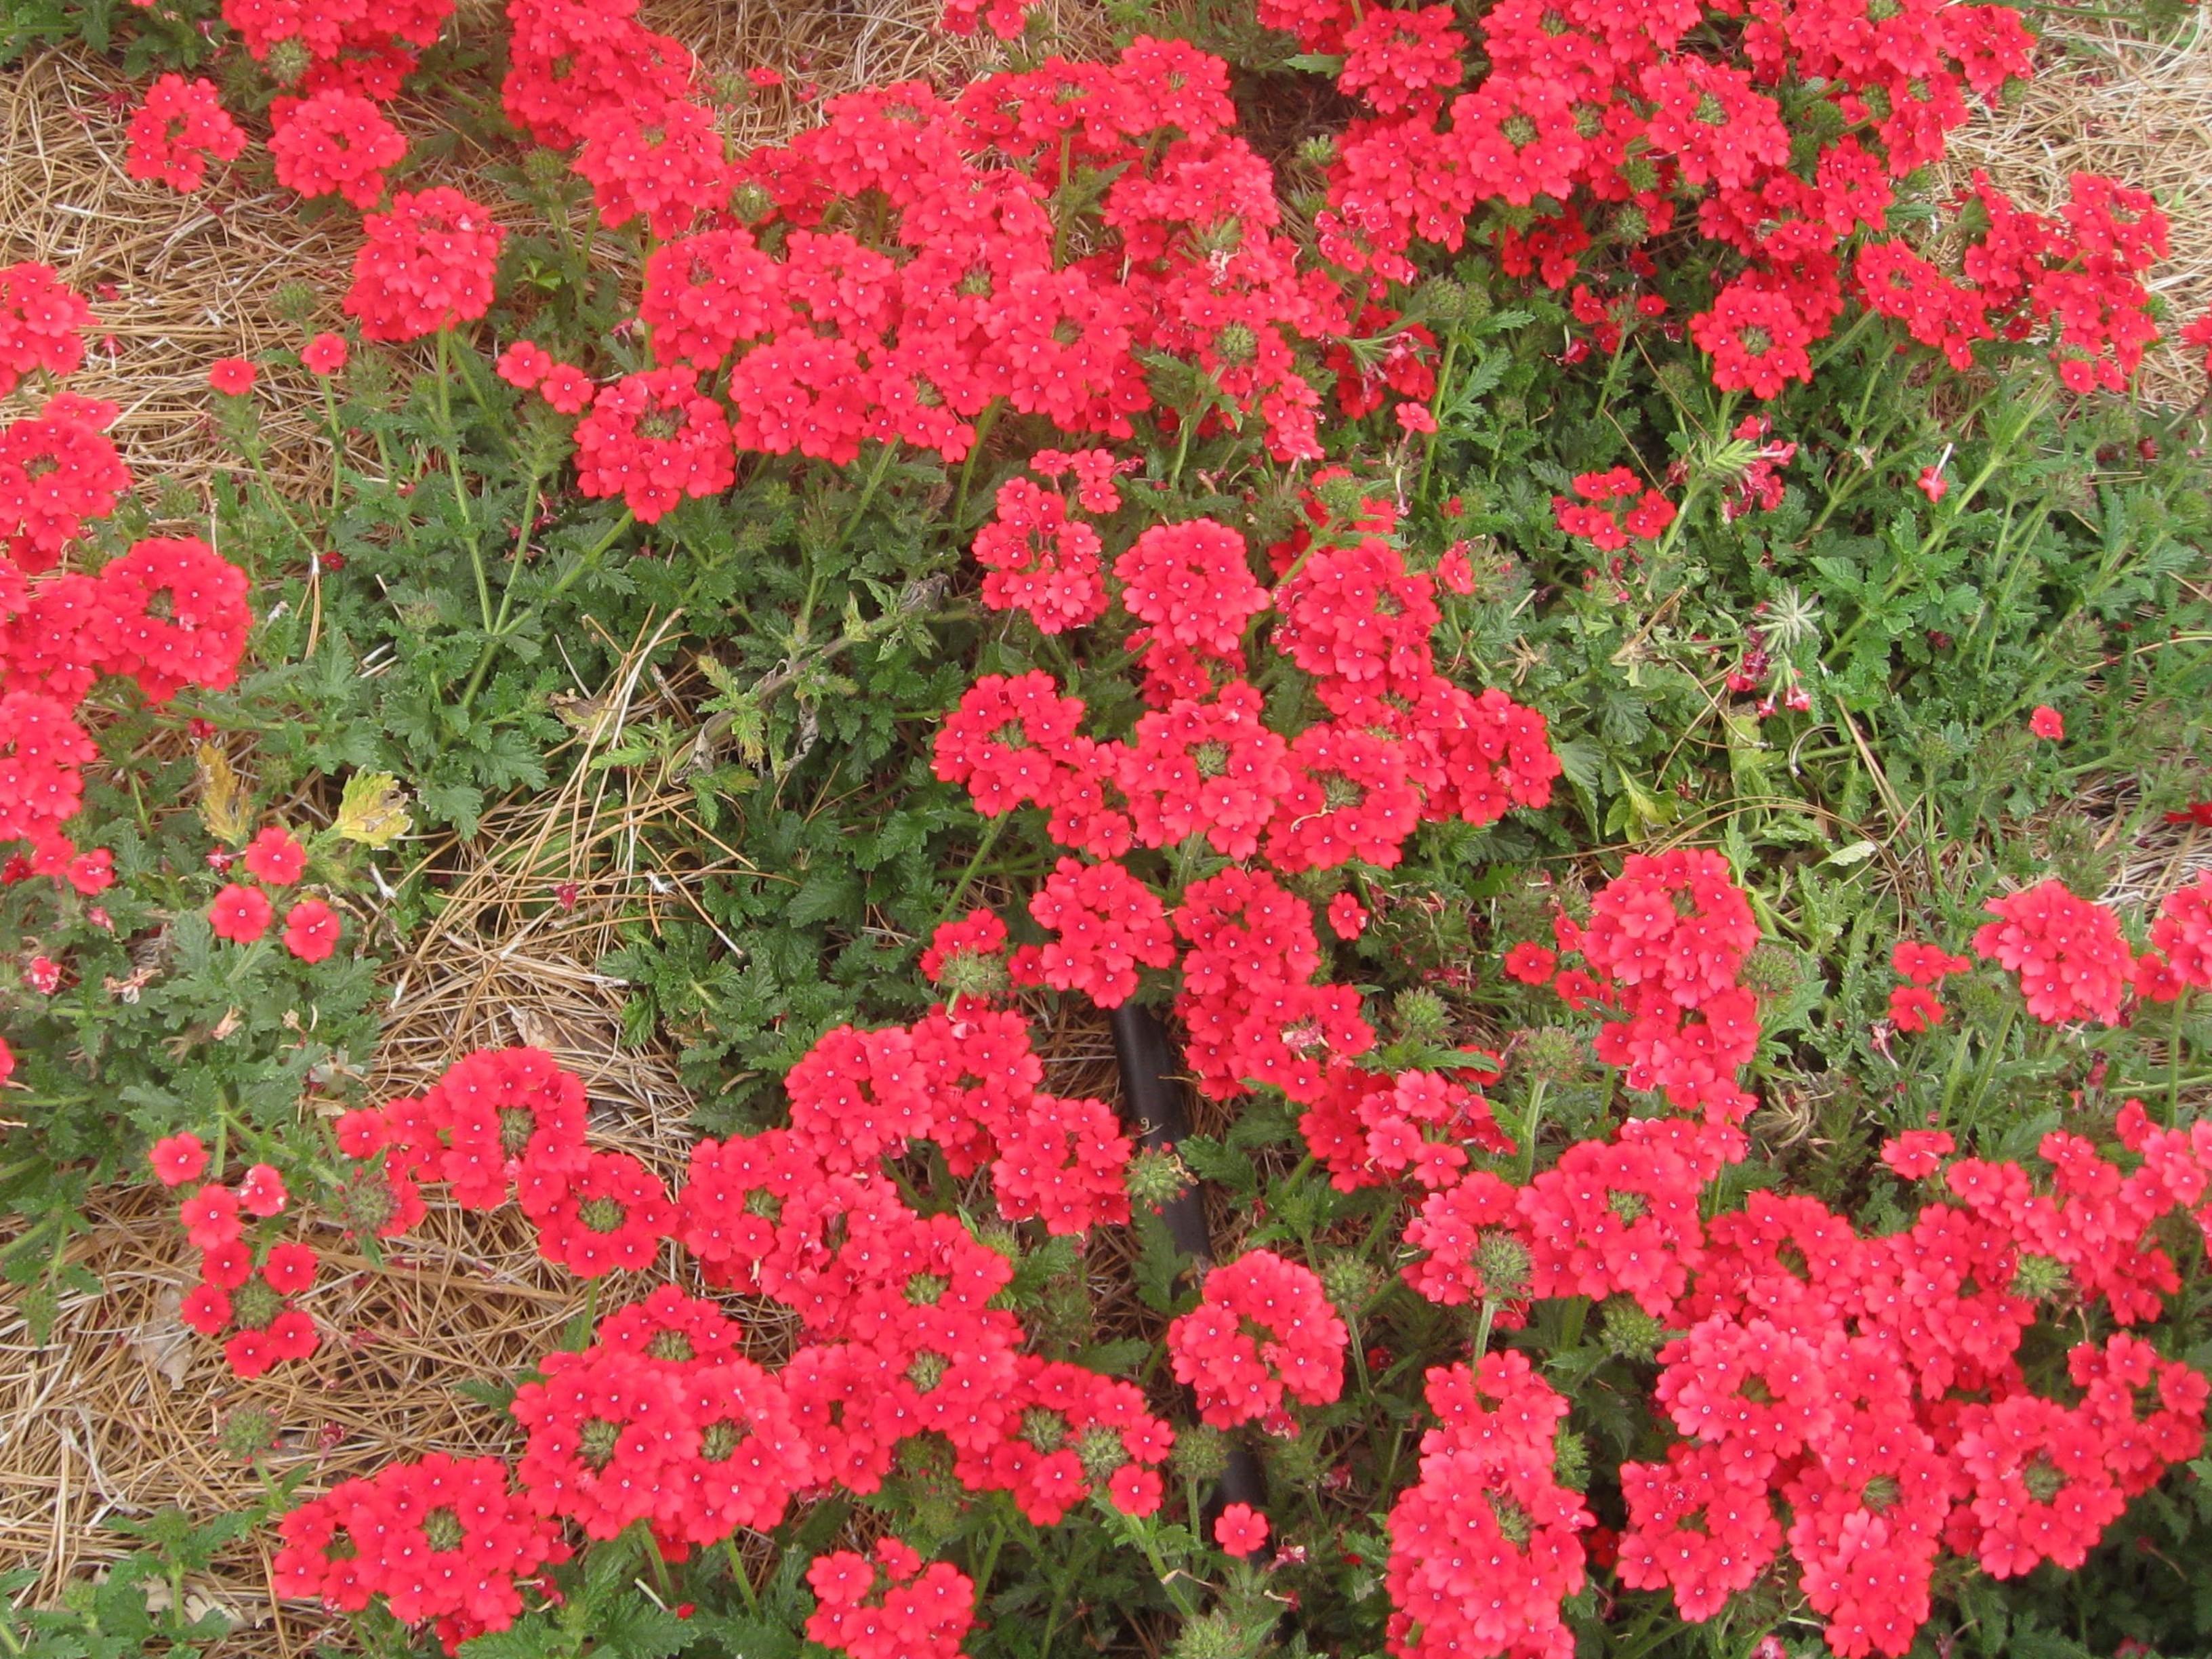 Verbena x hybrida  'Wildfire' / Verbena x hybrida  'Wildfire'